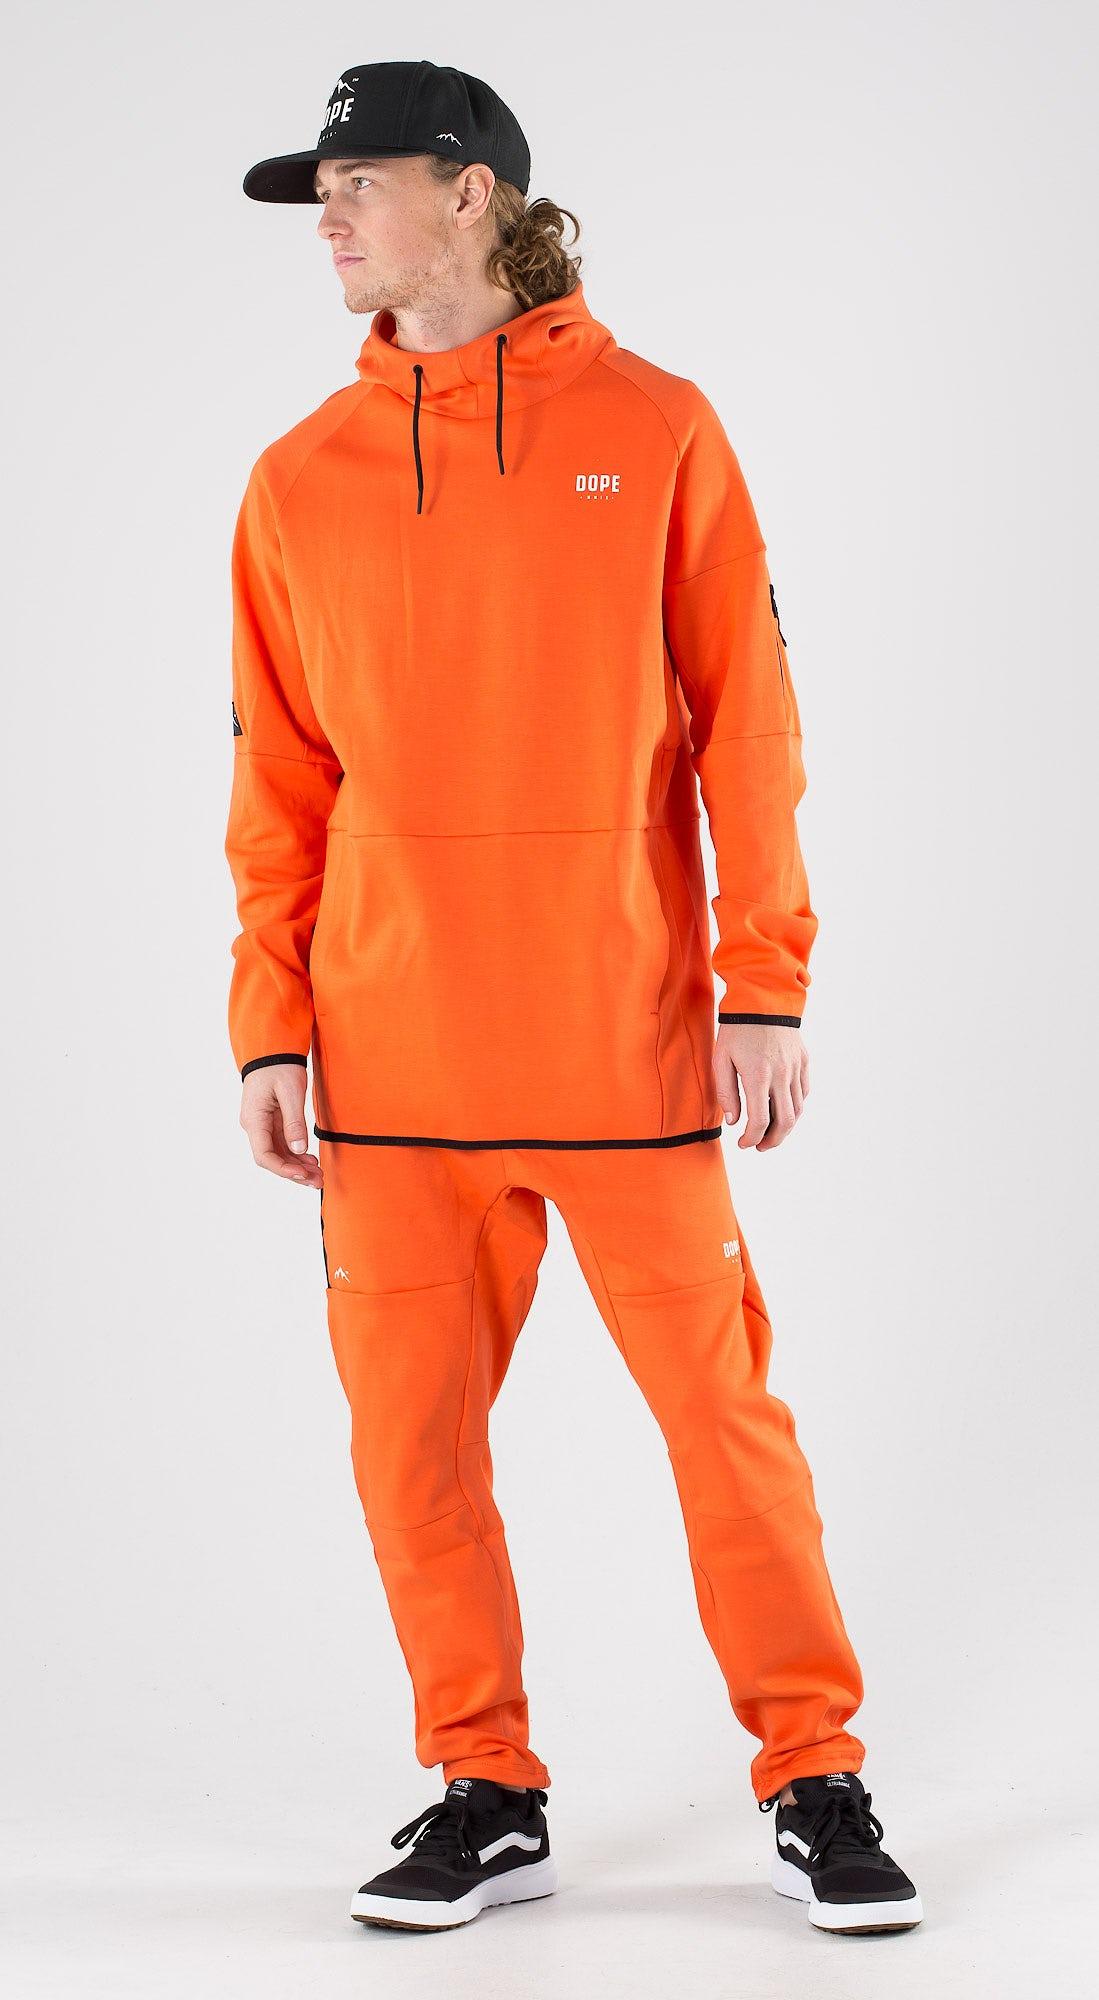 Dope Ronin 2X-UP Orange